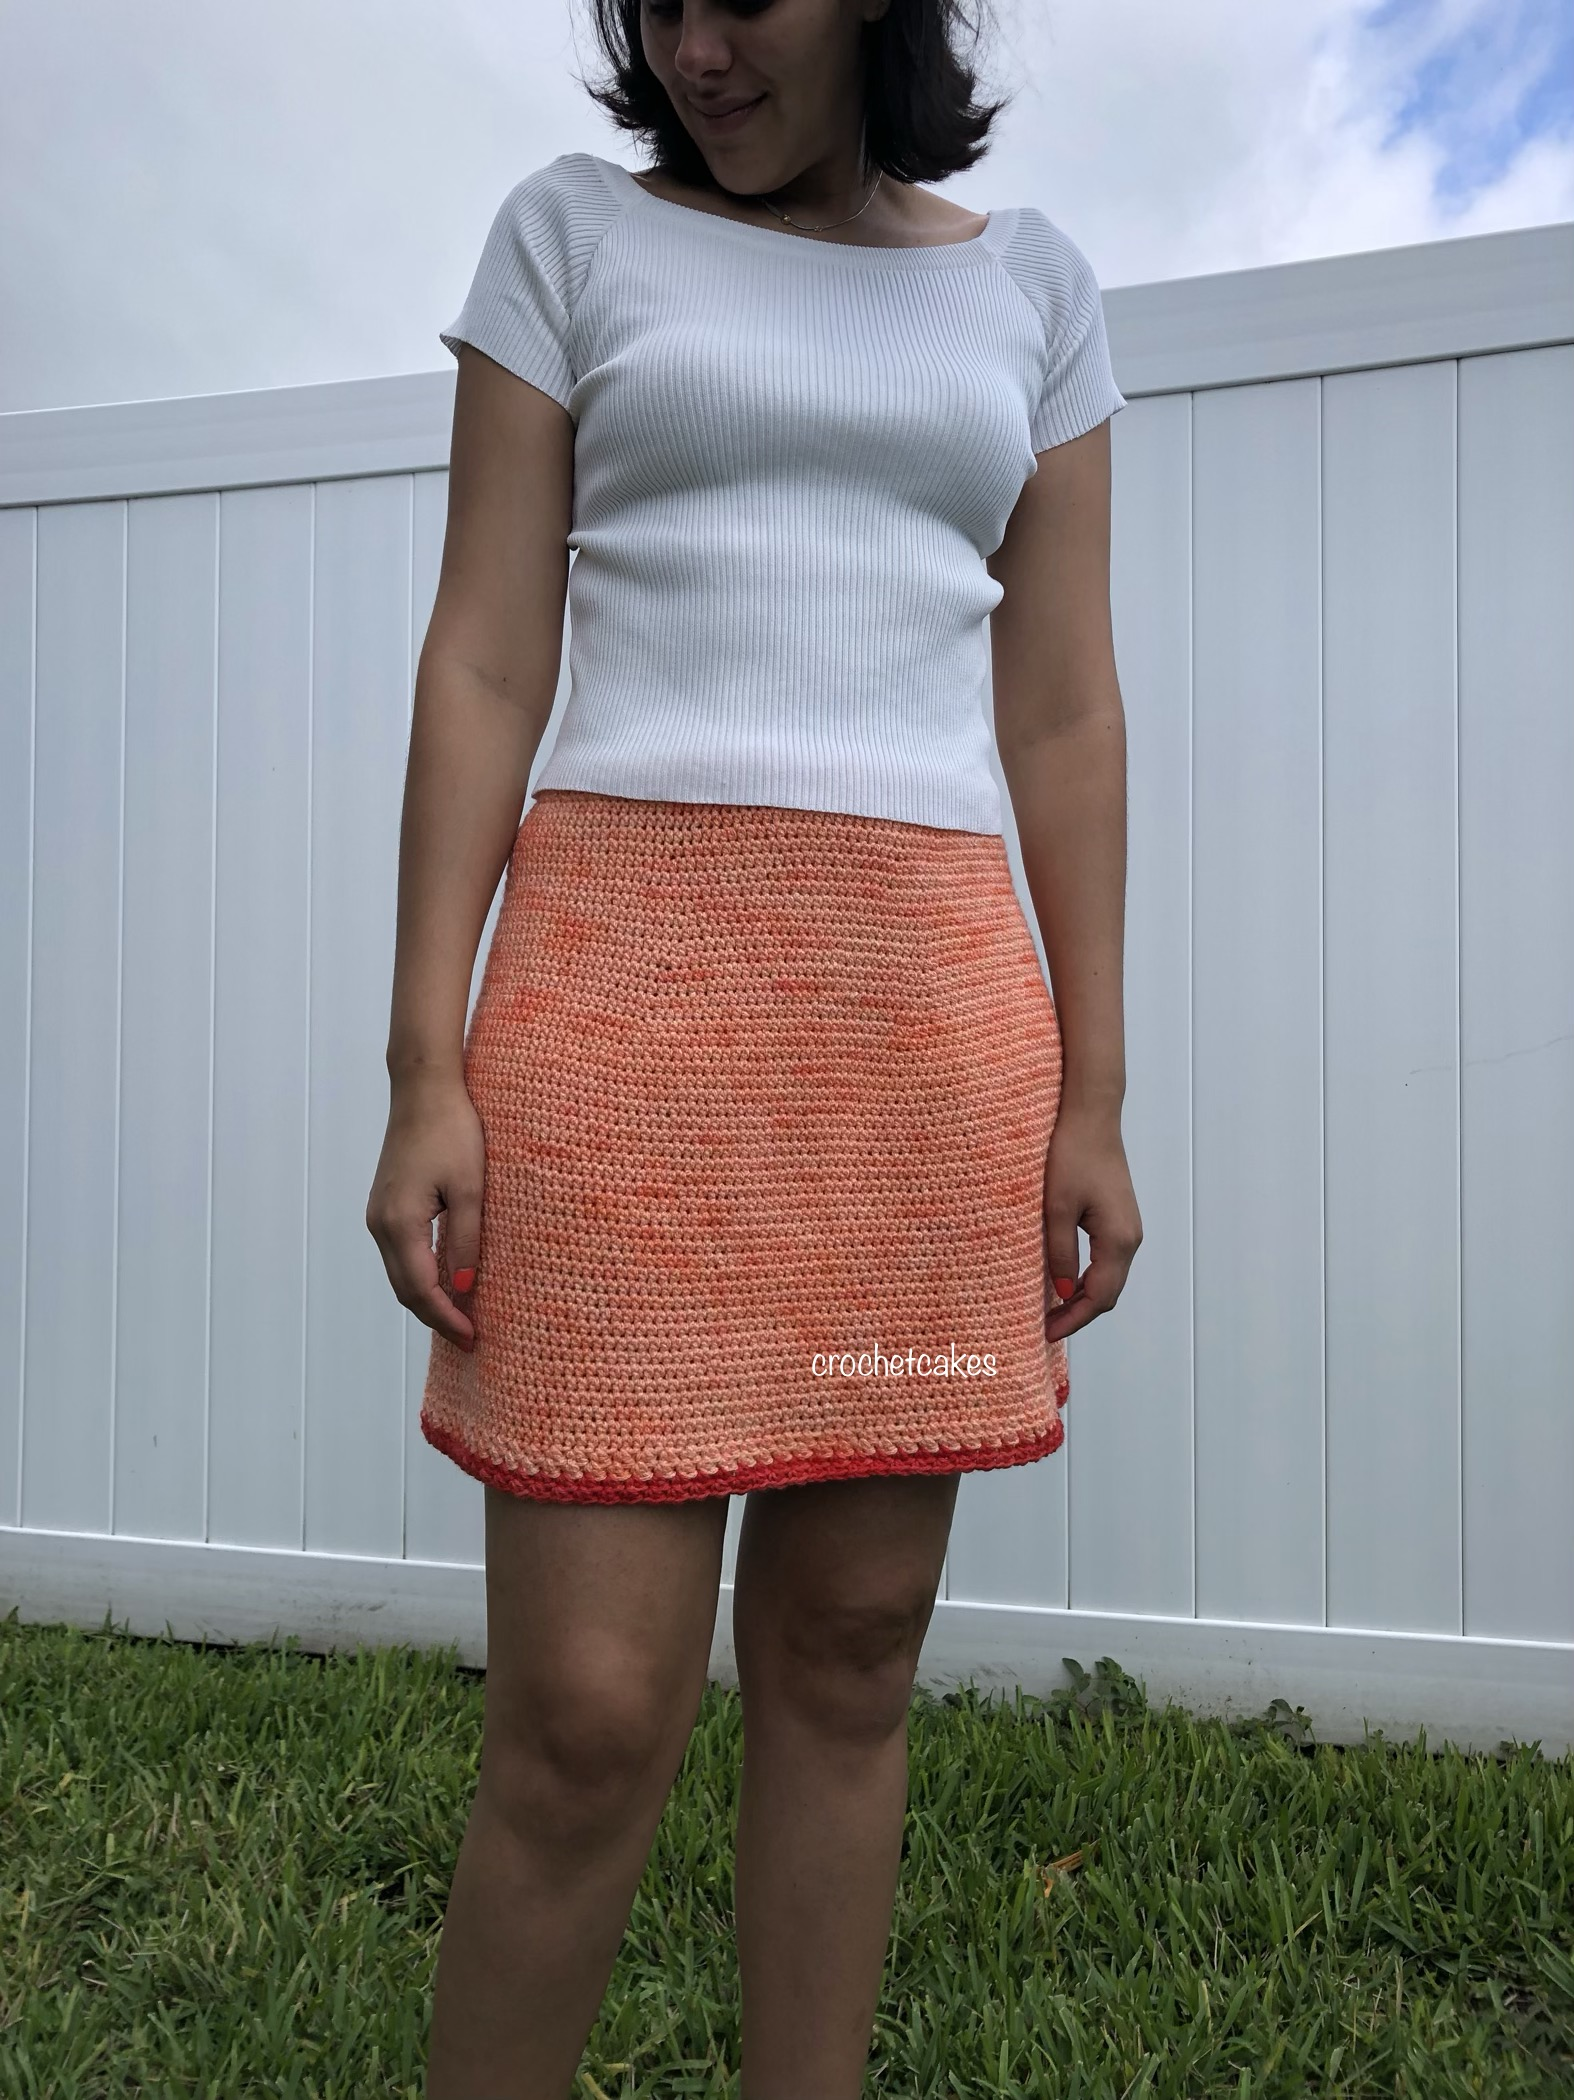 crochet a-like skirt